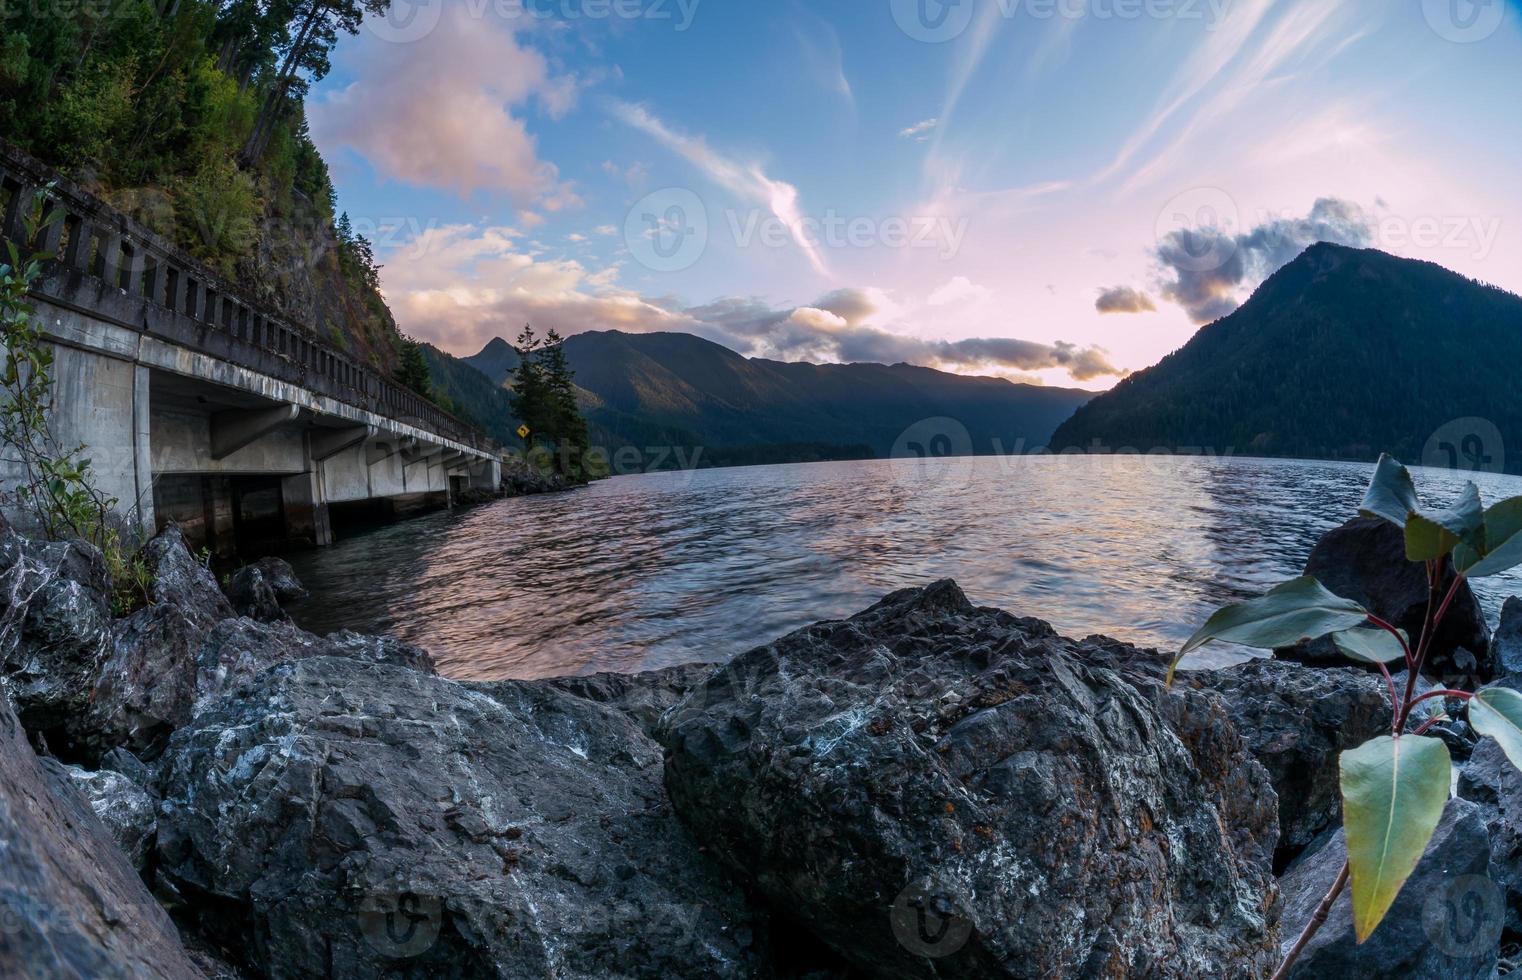 puesta de sol en las rocas junto al puente sobre el lago creciente foto